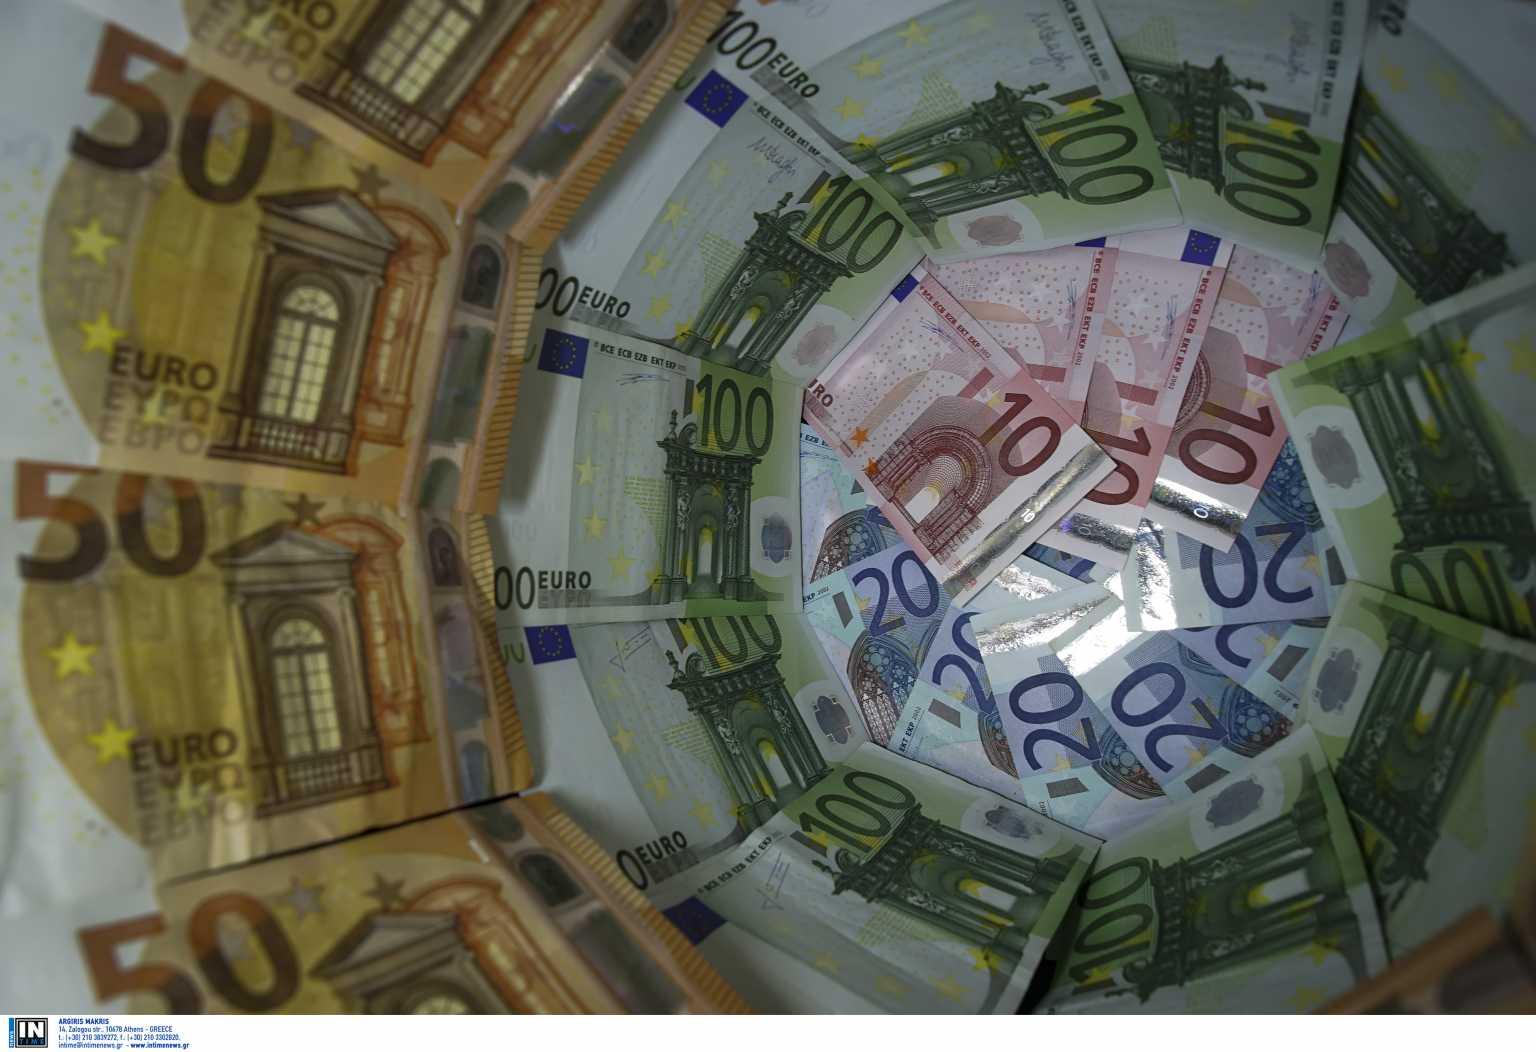 Αναπτυξιακός: Πάνω από 107 εκατ. ευρώ επιχορηγήσεις σε επενδυτικά σχέδια